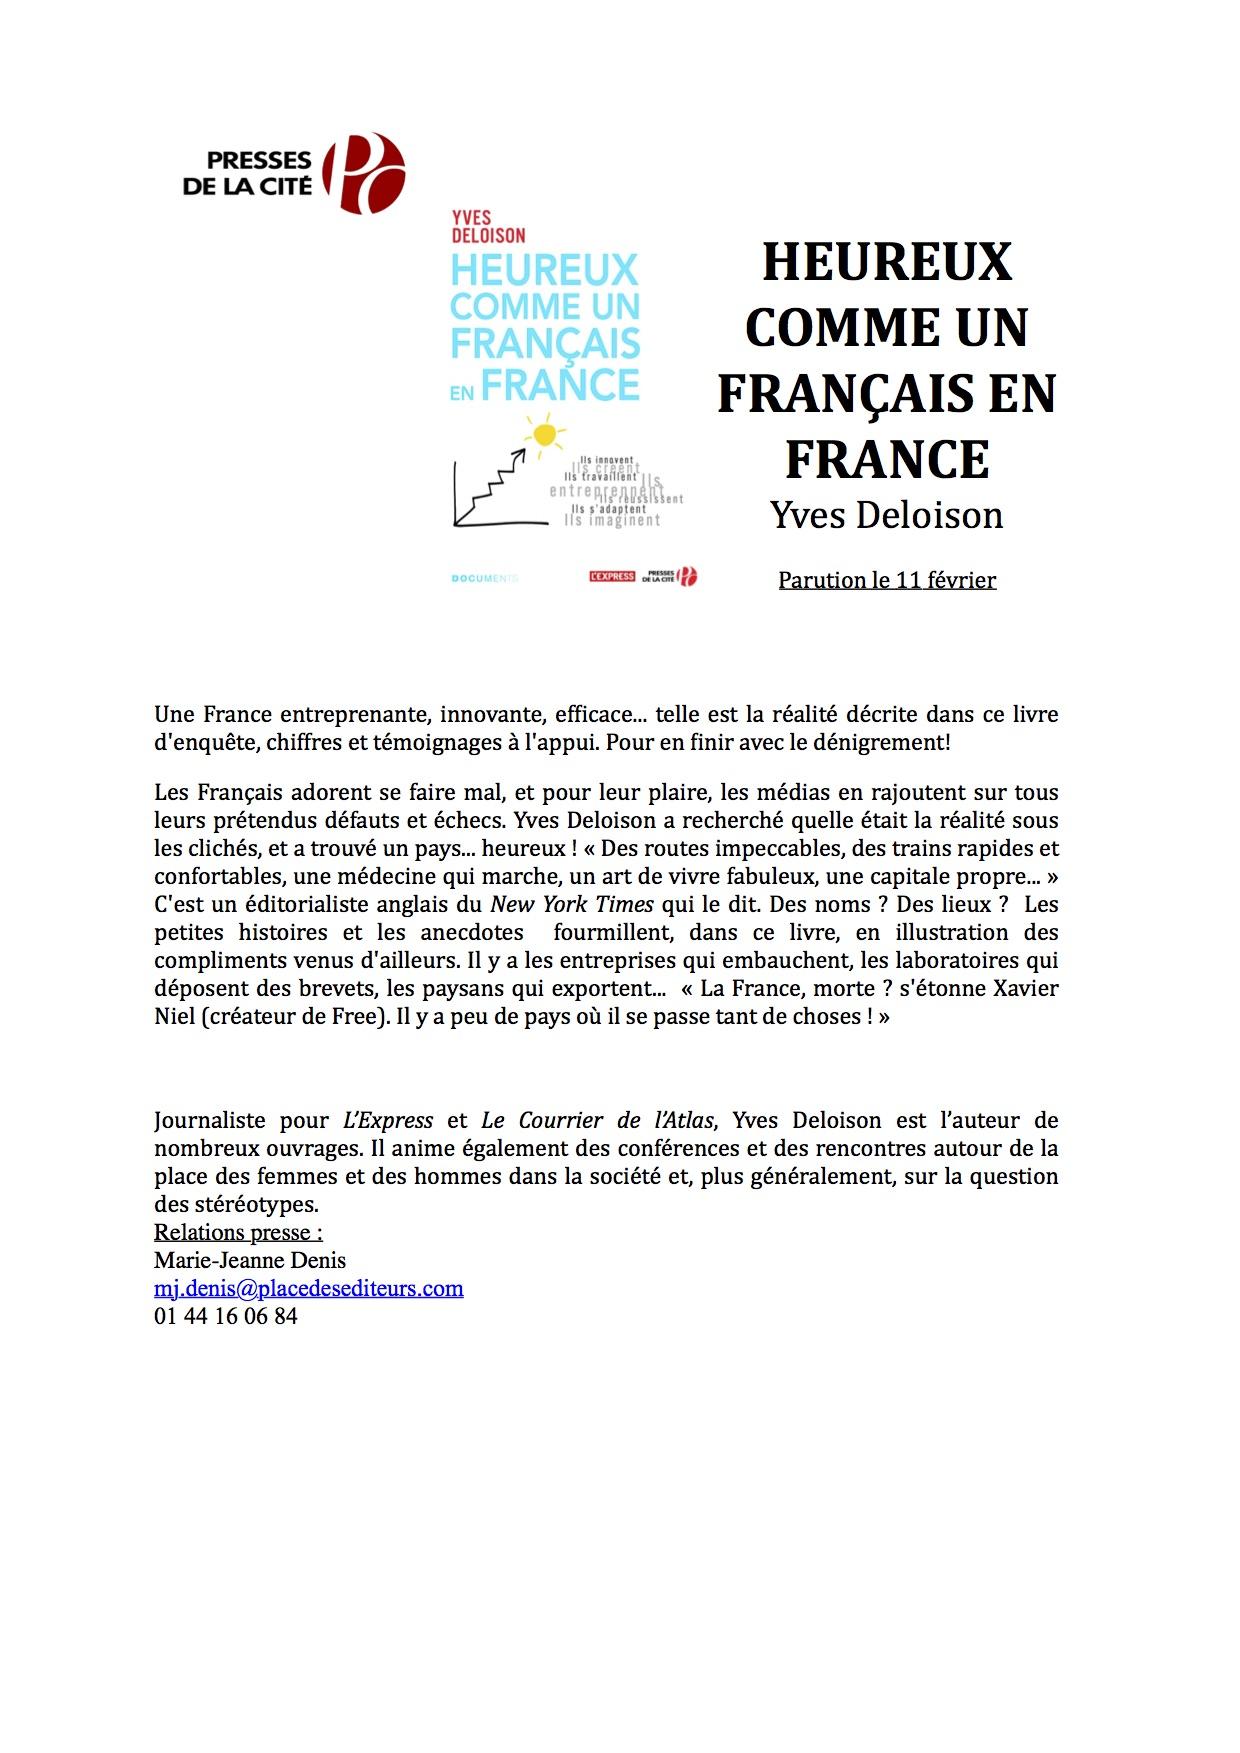 Deloison Yves , Heureux comme un français en France.docx